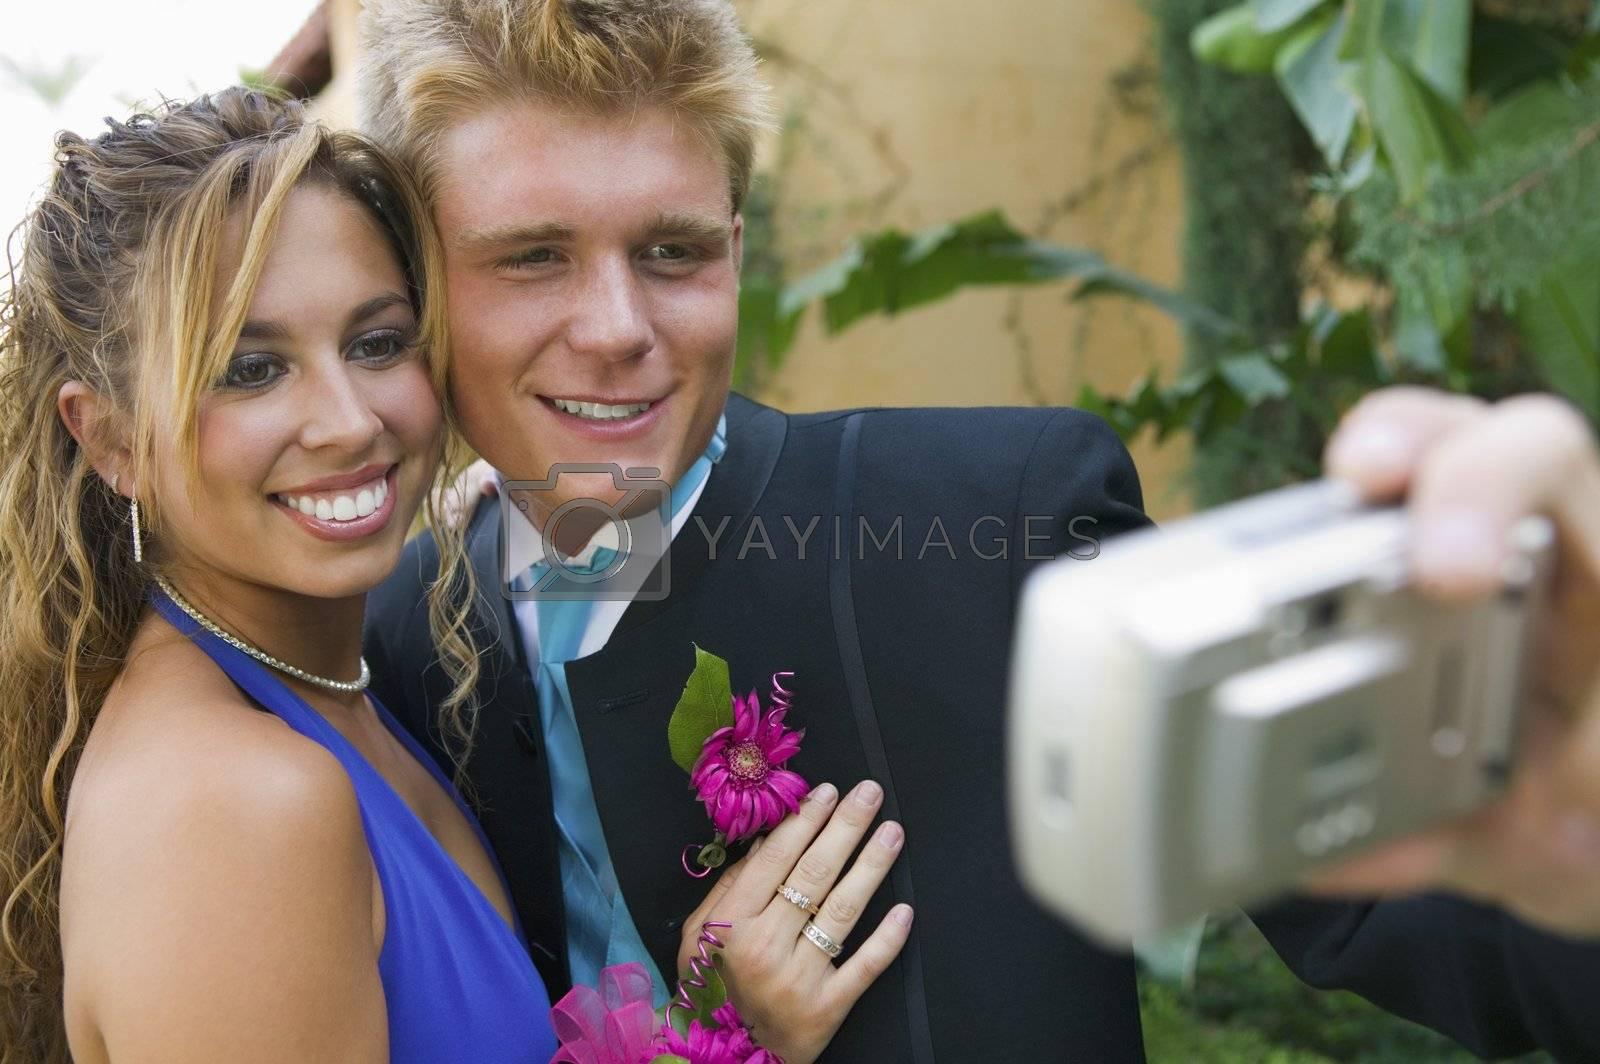 Prom Couple Taking Photo